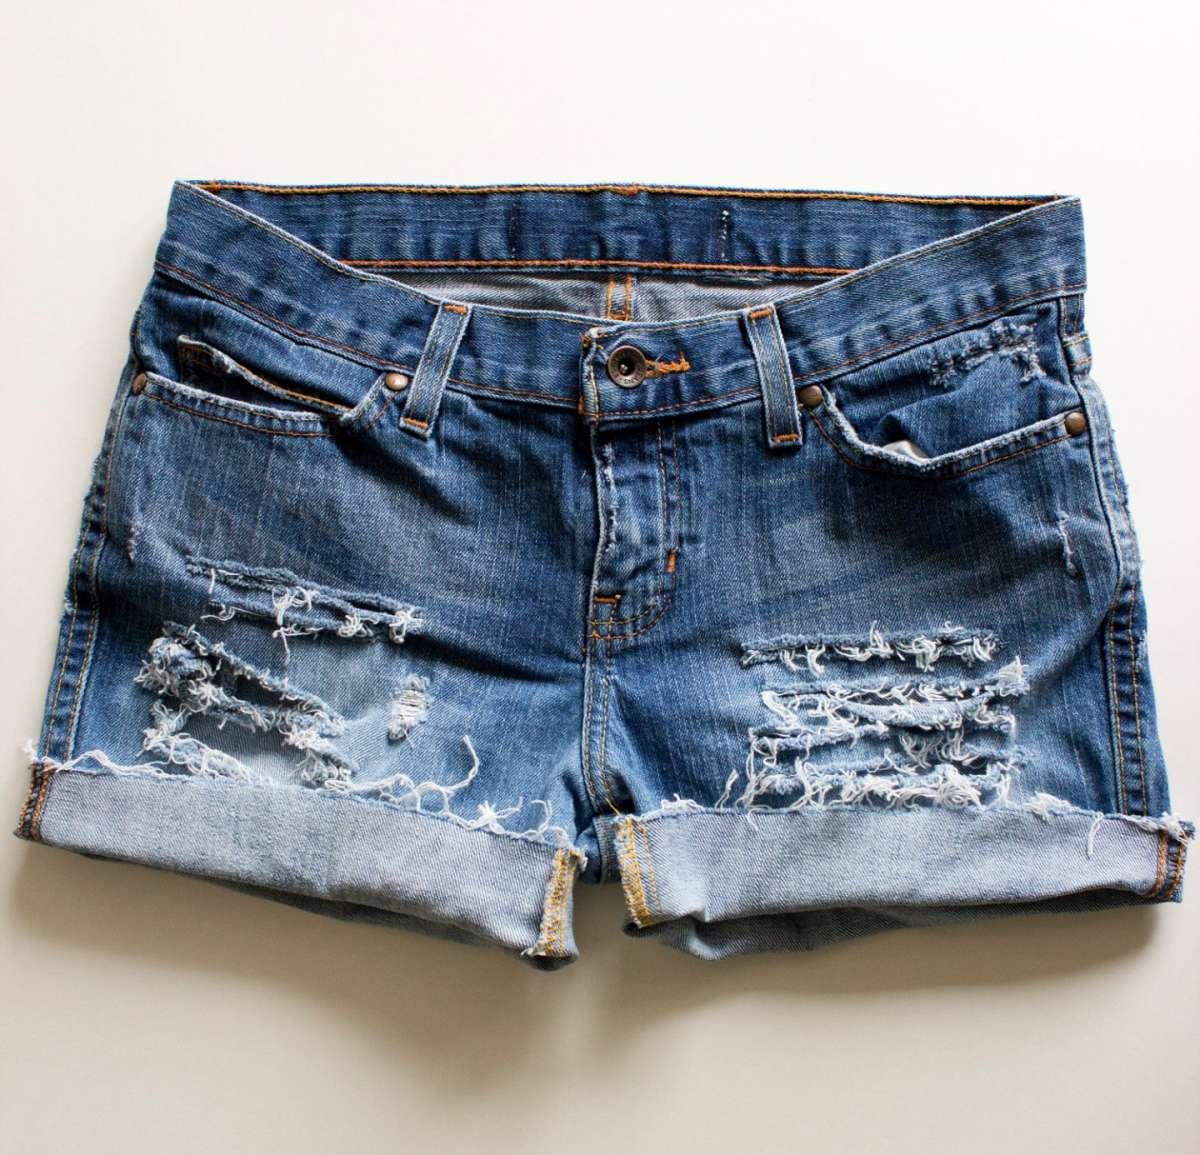 Shorts di jeans fai da te [FOTO]